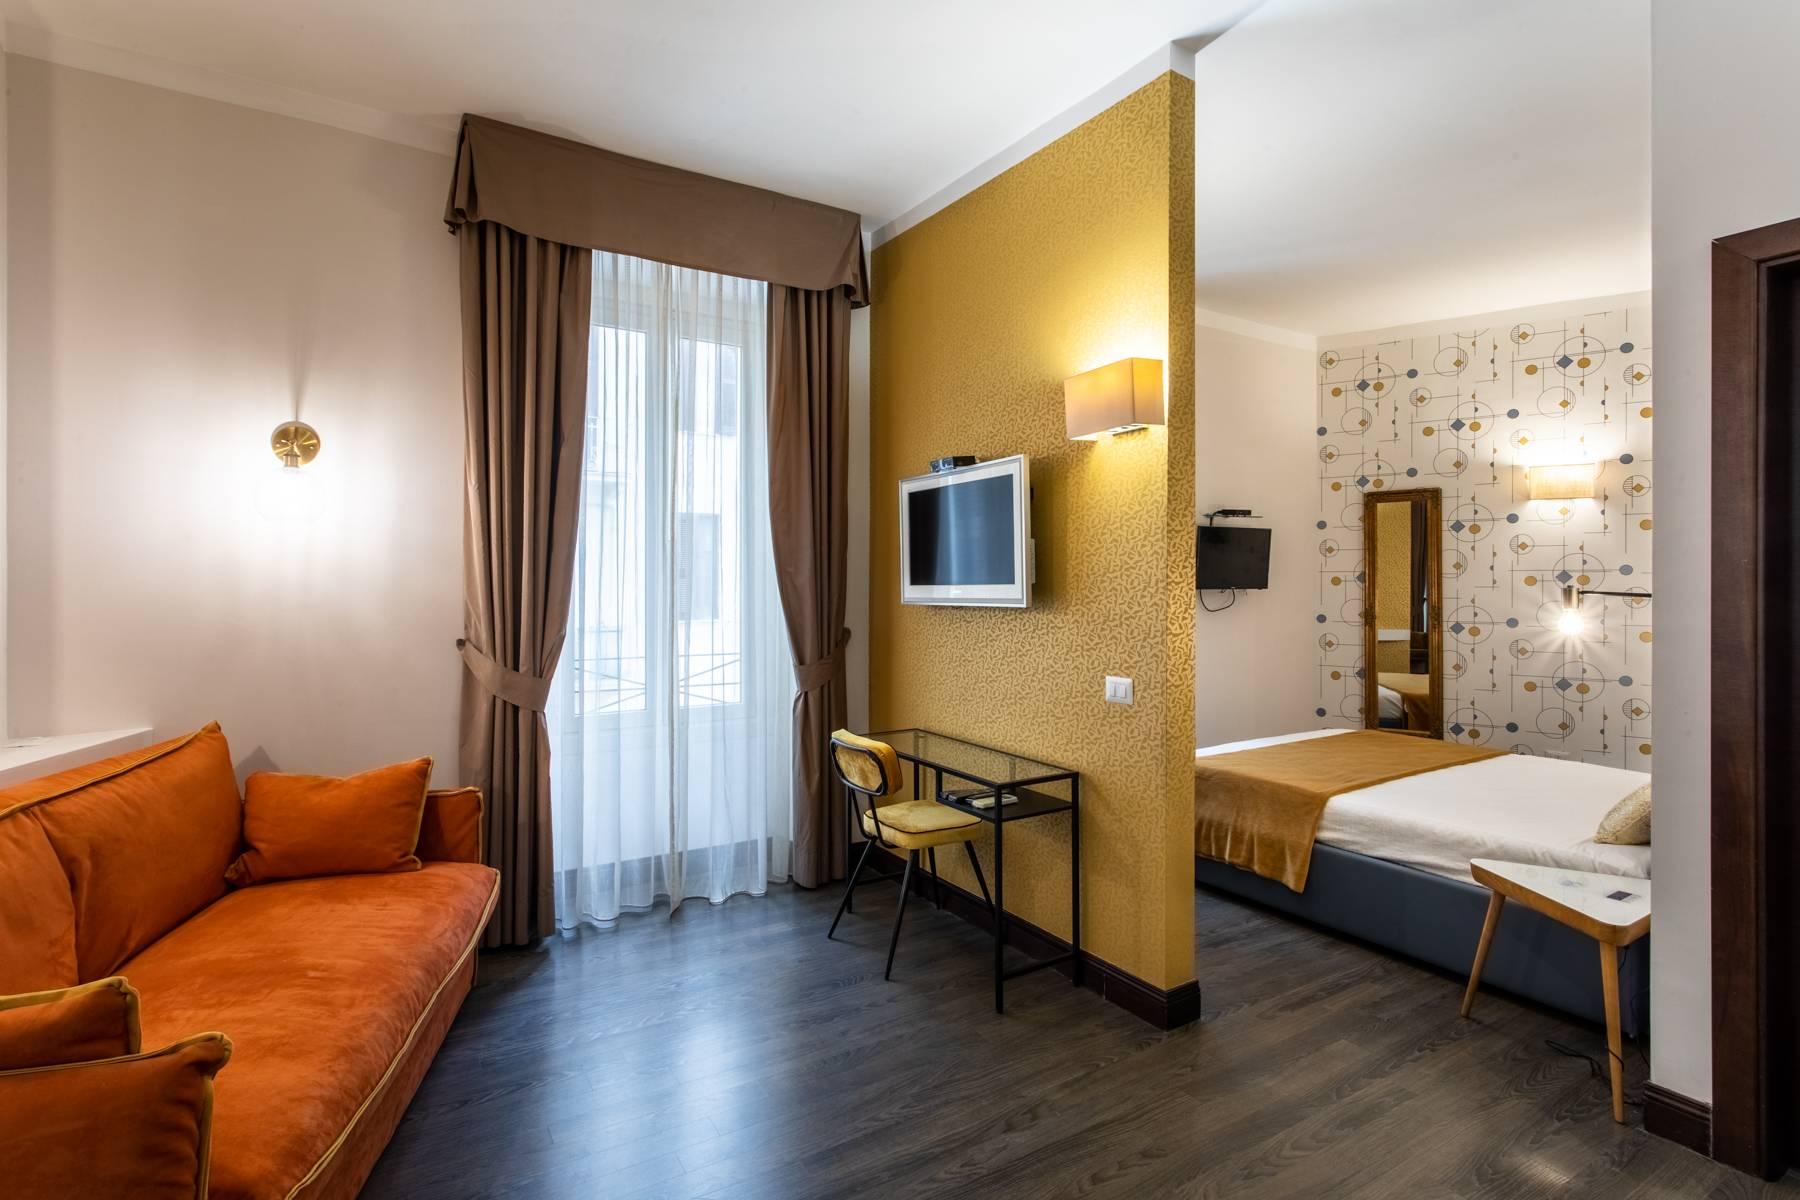 Appartamento in Vendita a Roma piazza piazzale flaminio